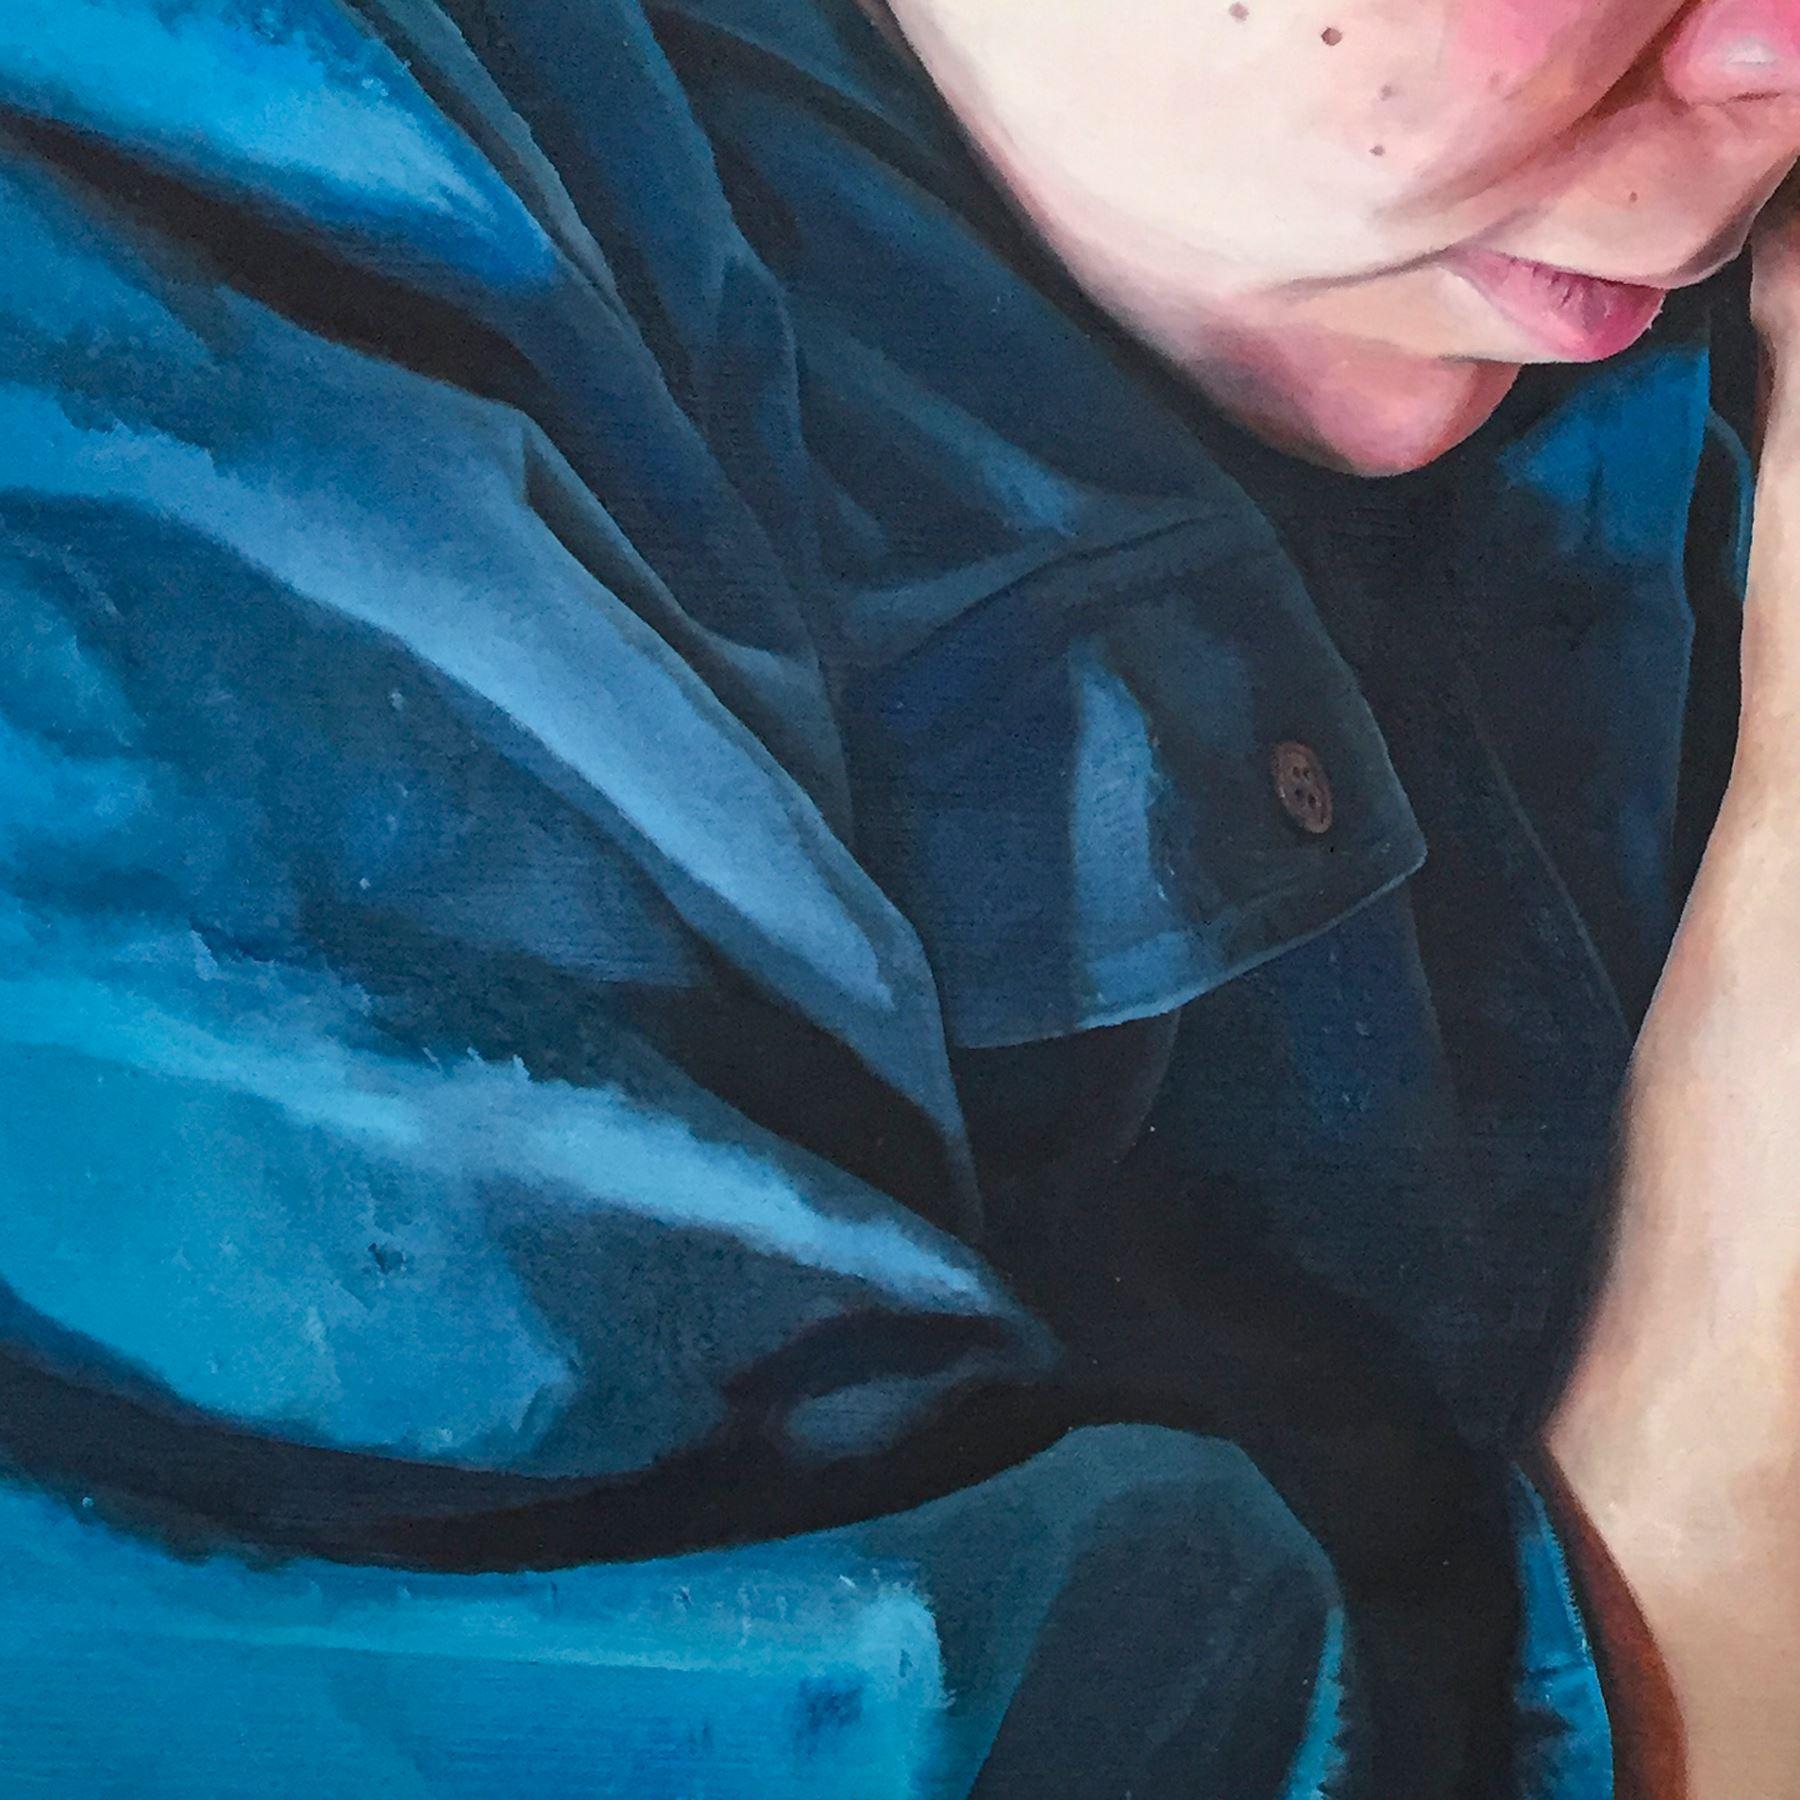 """Eli Olson - """"Untitled"""" Intsa: @3L1.0L50N NFS"""